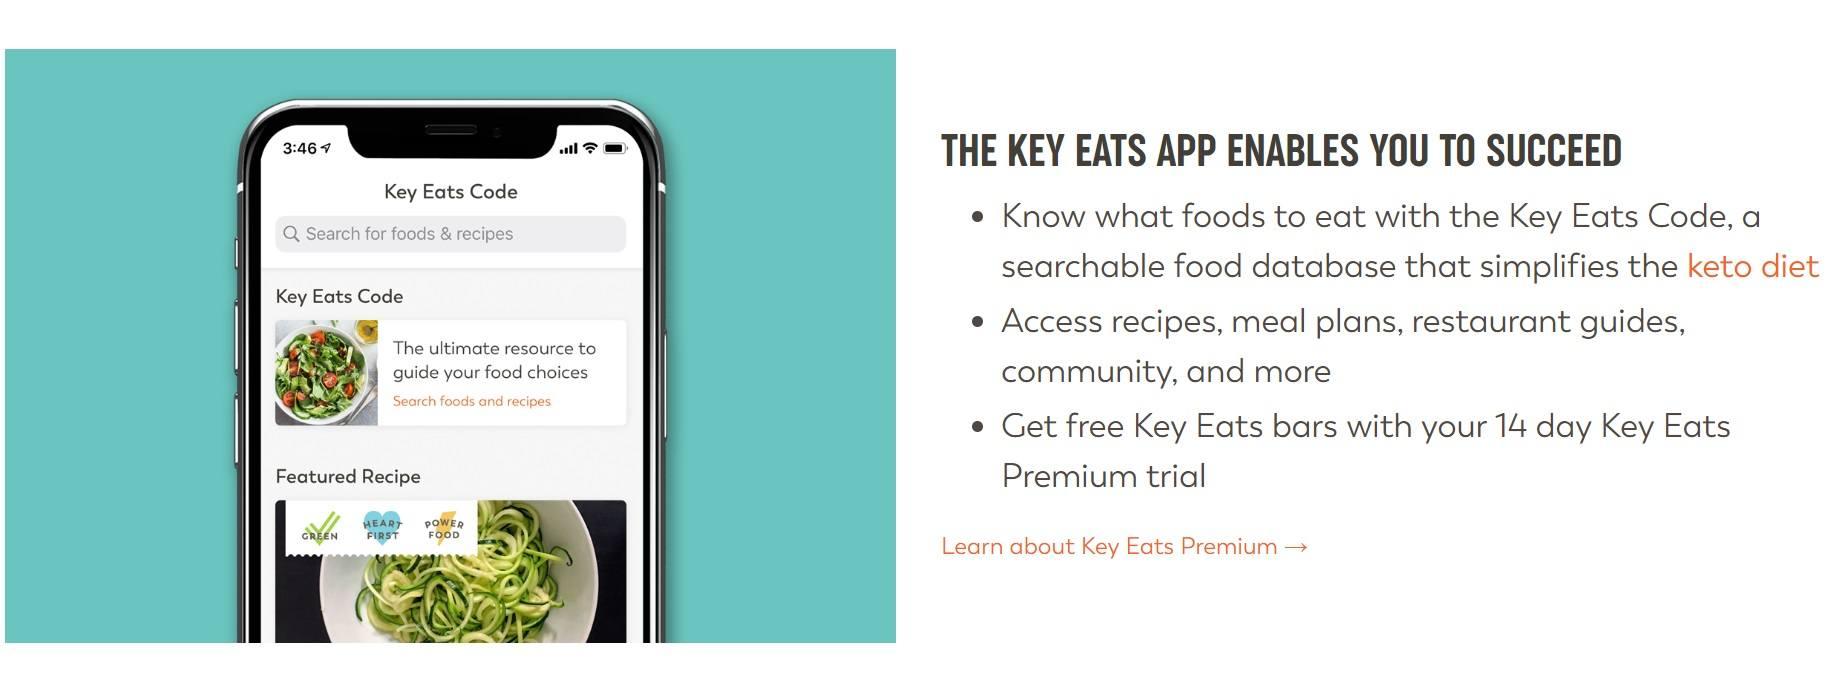 Key Eats App